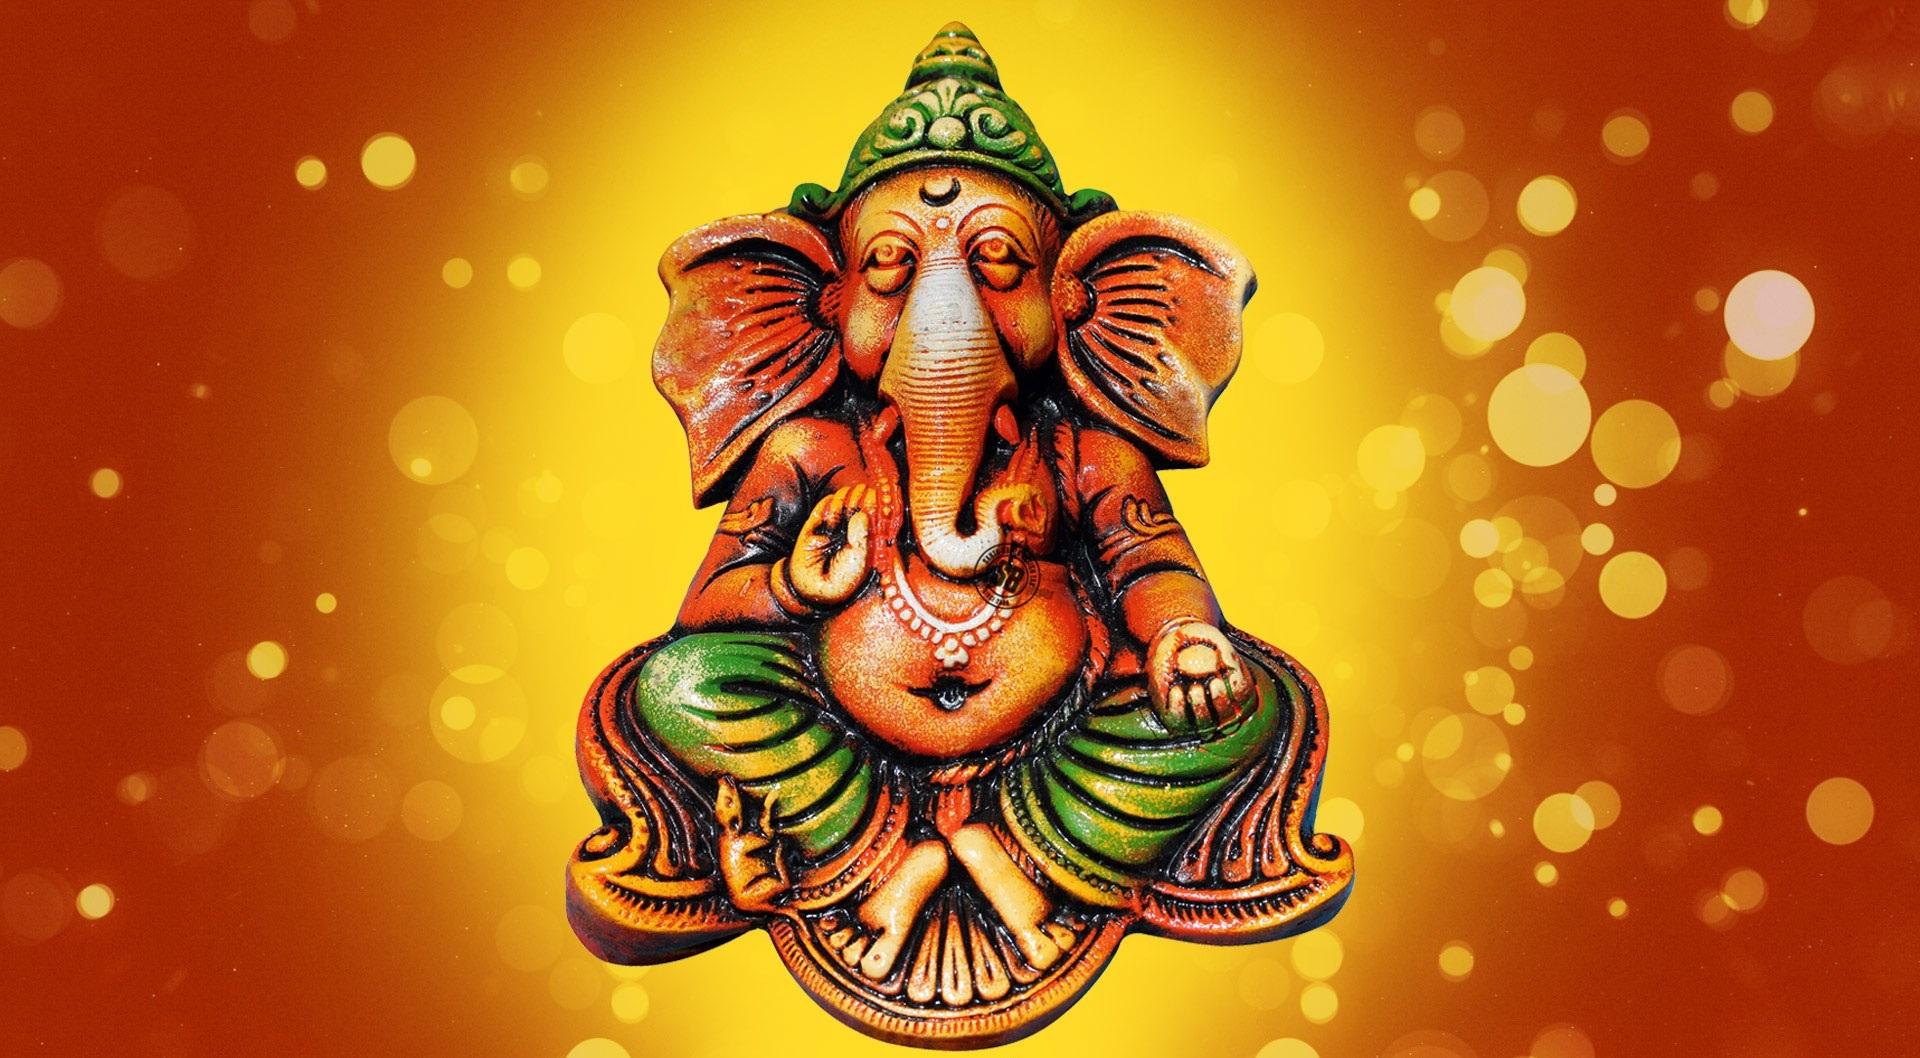 Lord-Ganesha-wallpaper-14